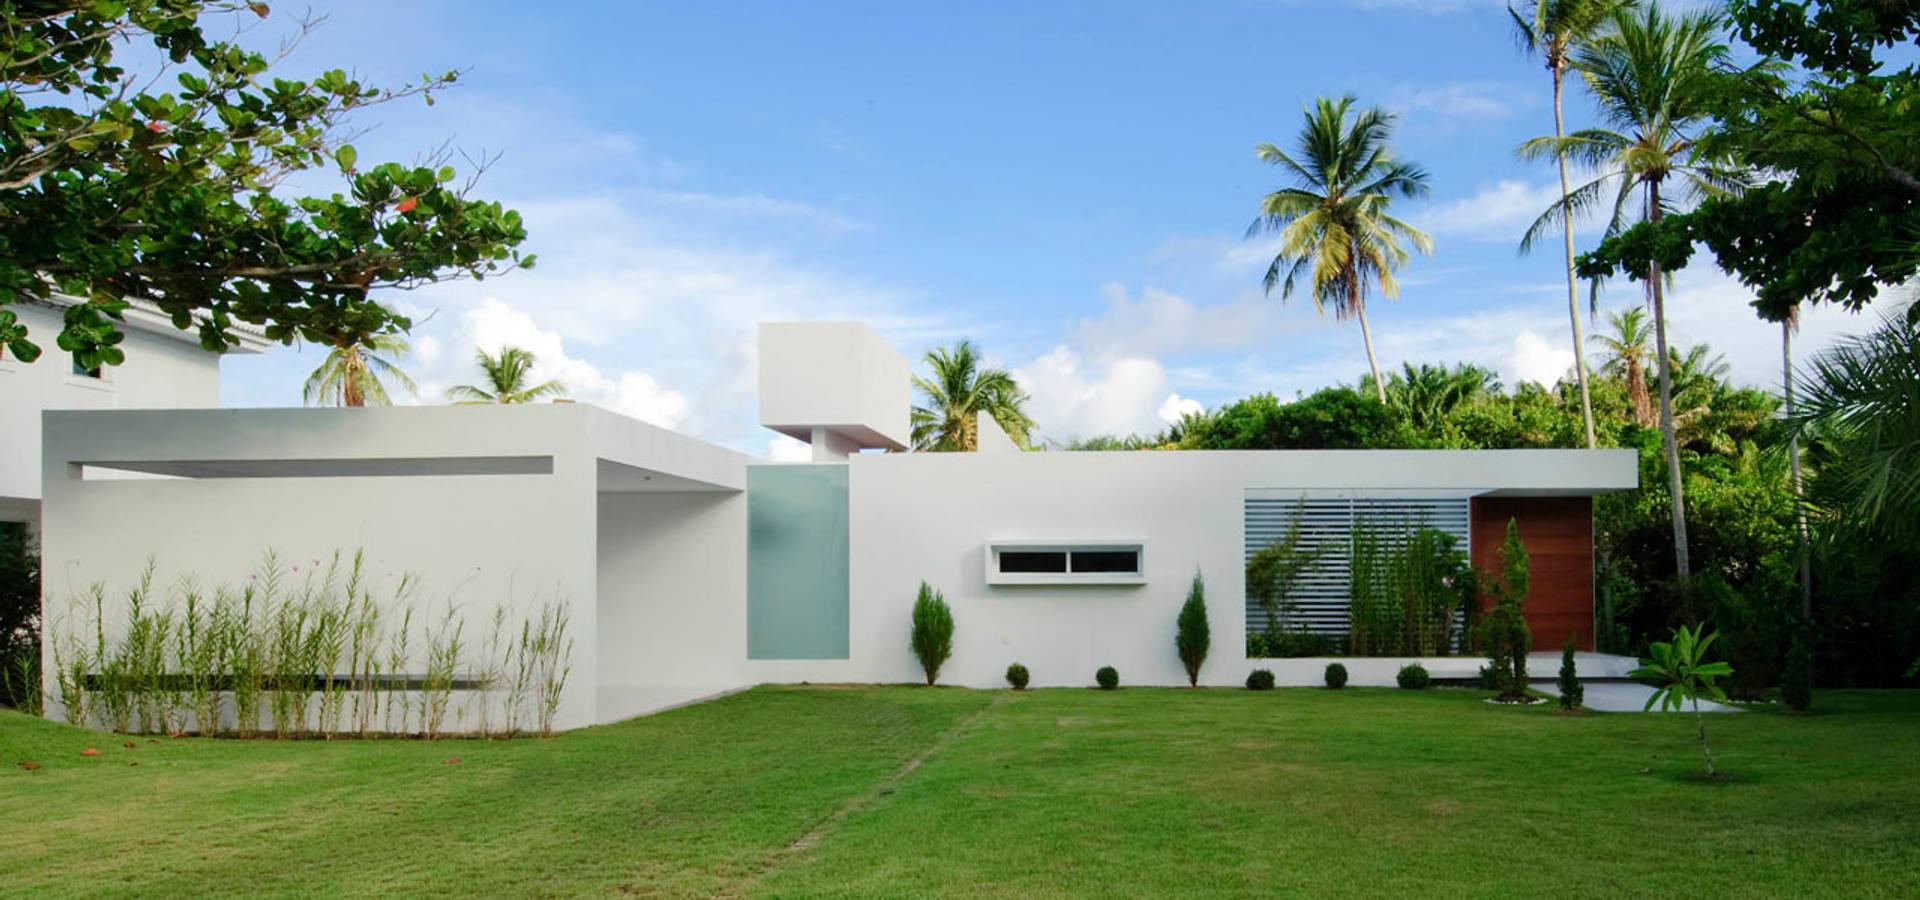 dantasbento | Arquitetura + Design